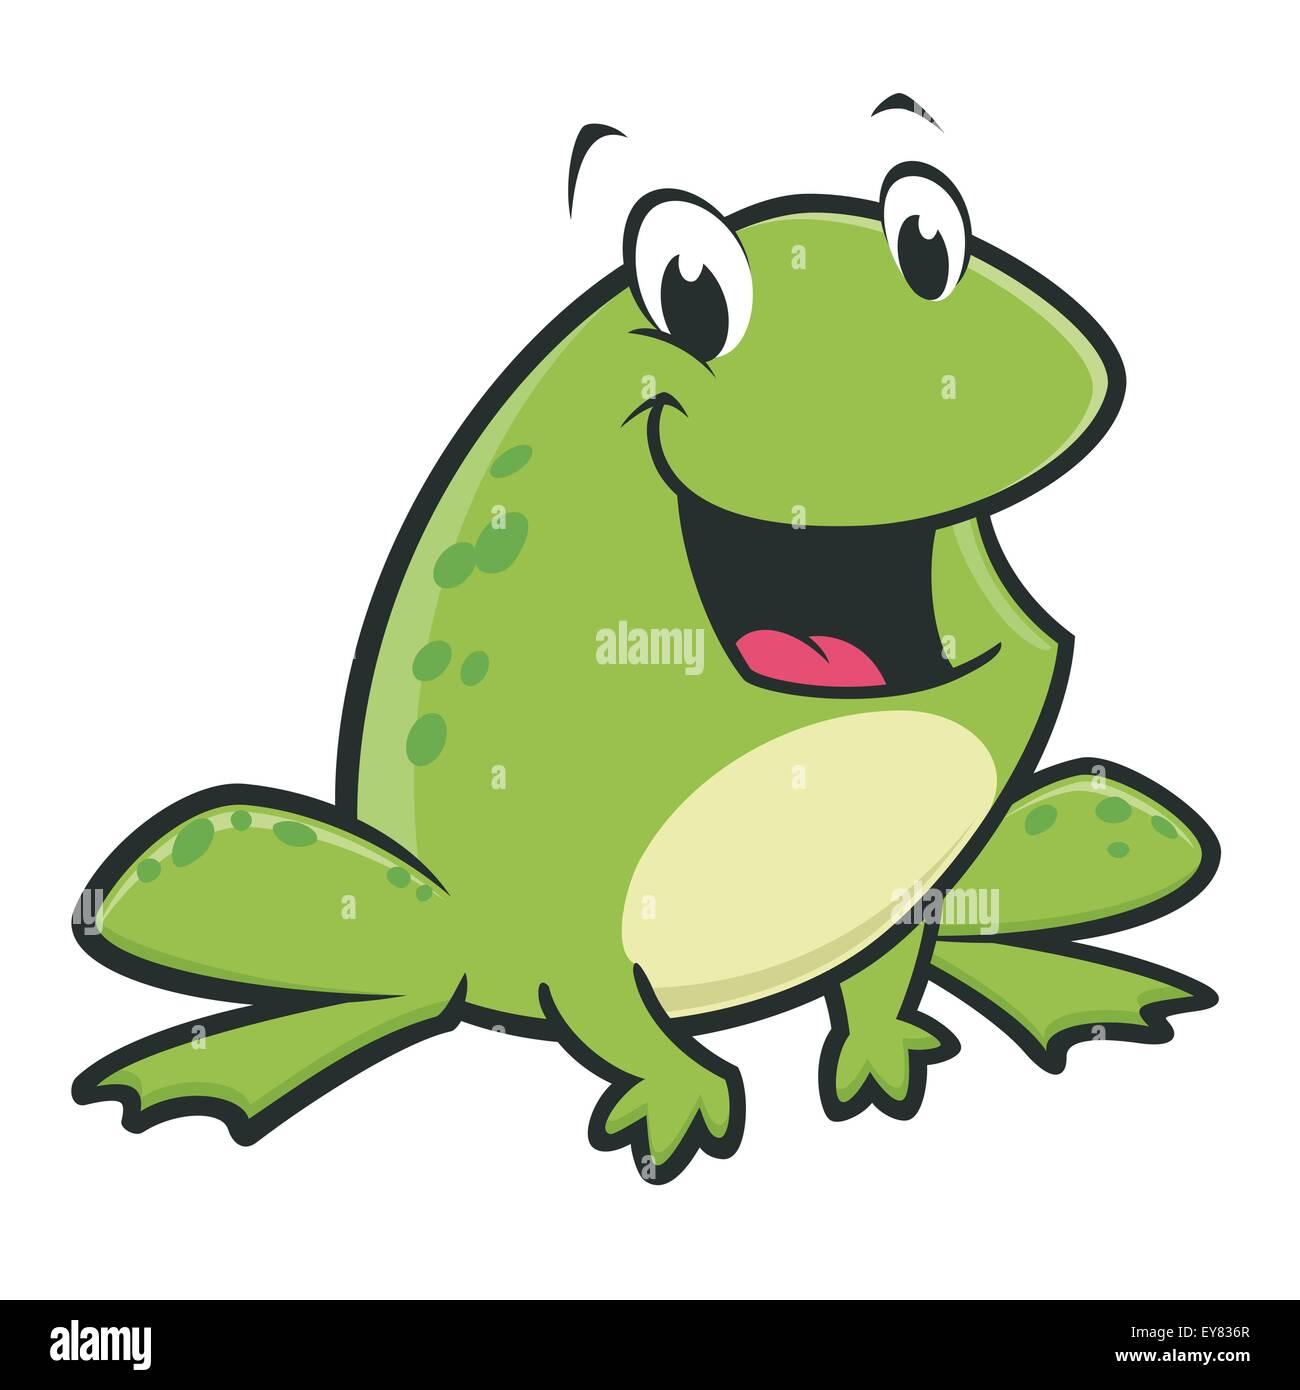 Lustiger frosch cartoon vektor abbildung bild 85615343 alamy - Frosch auf englisch ...